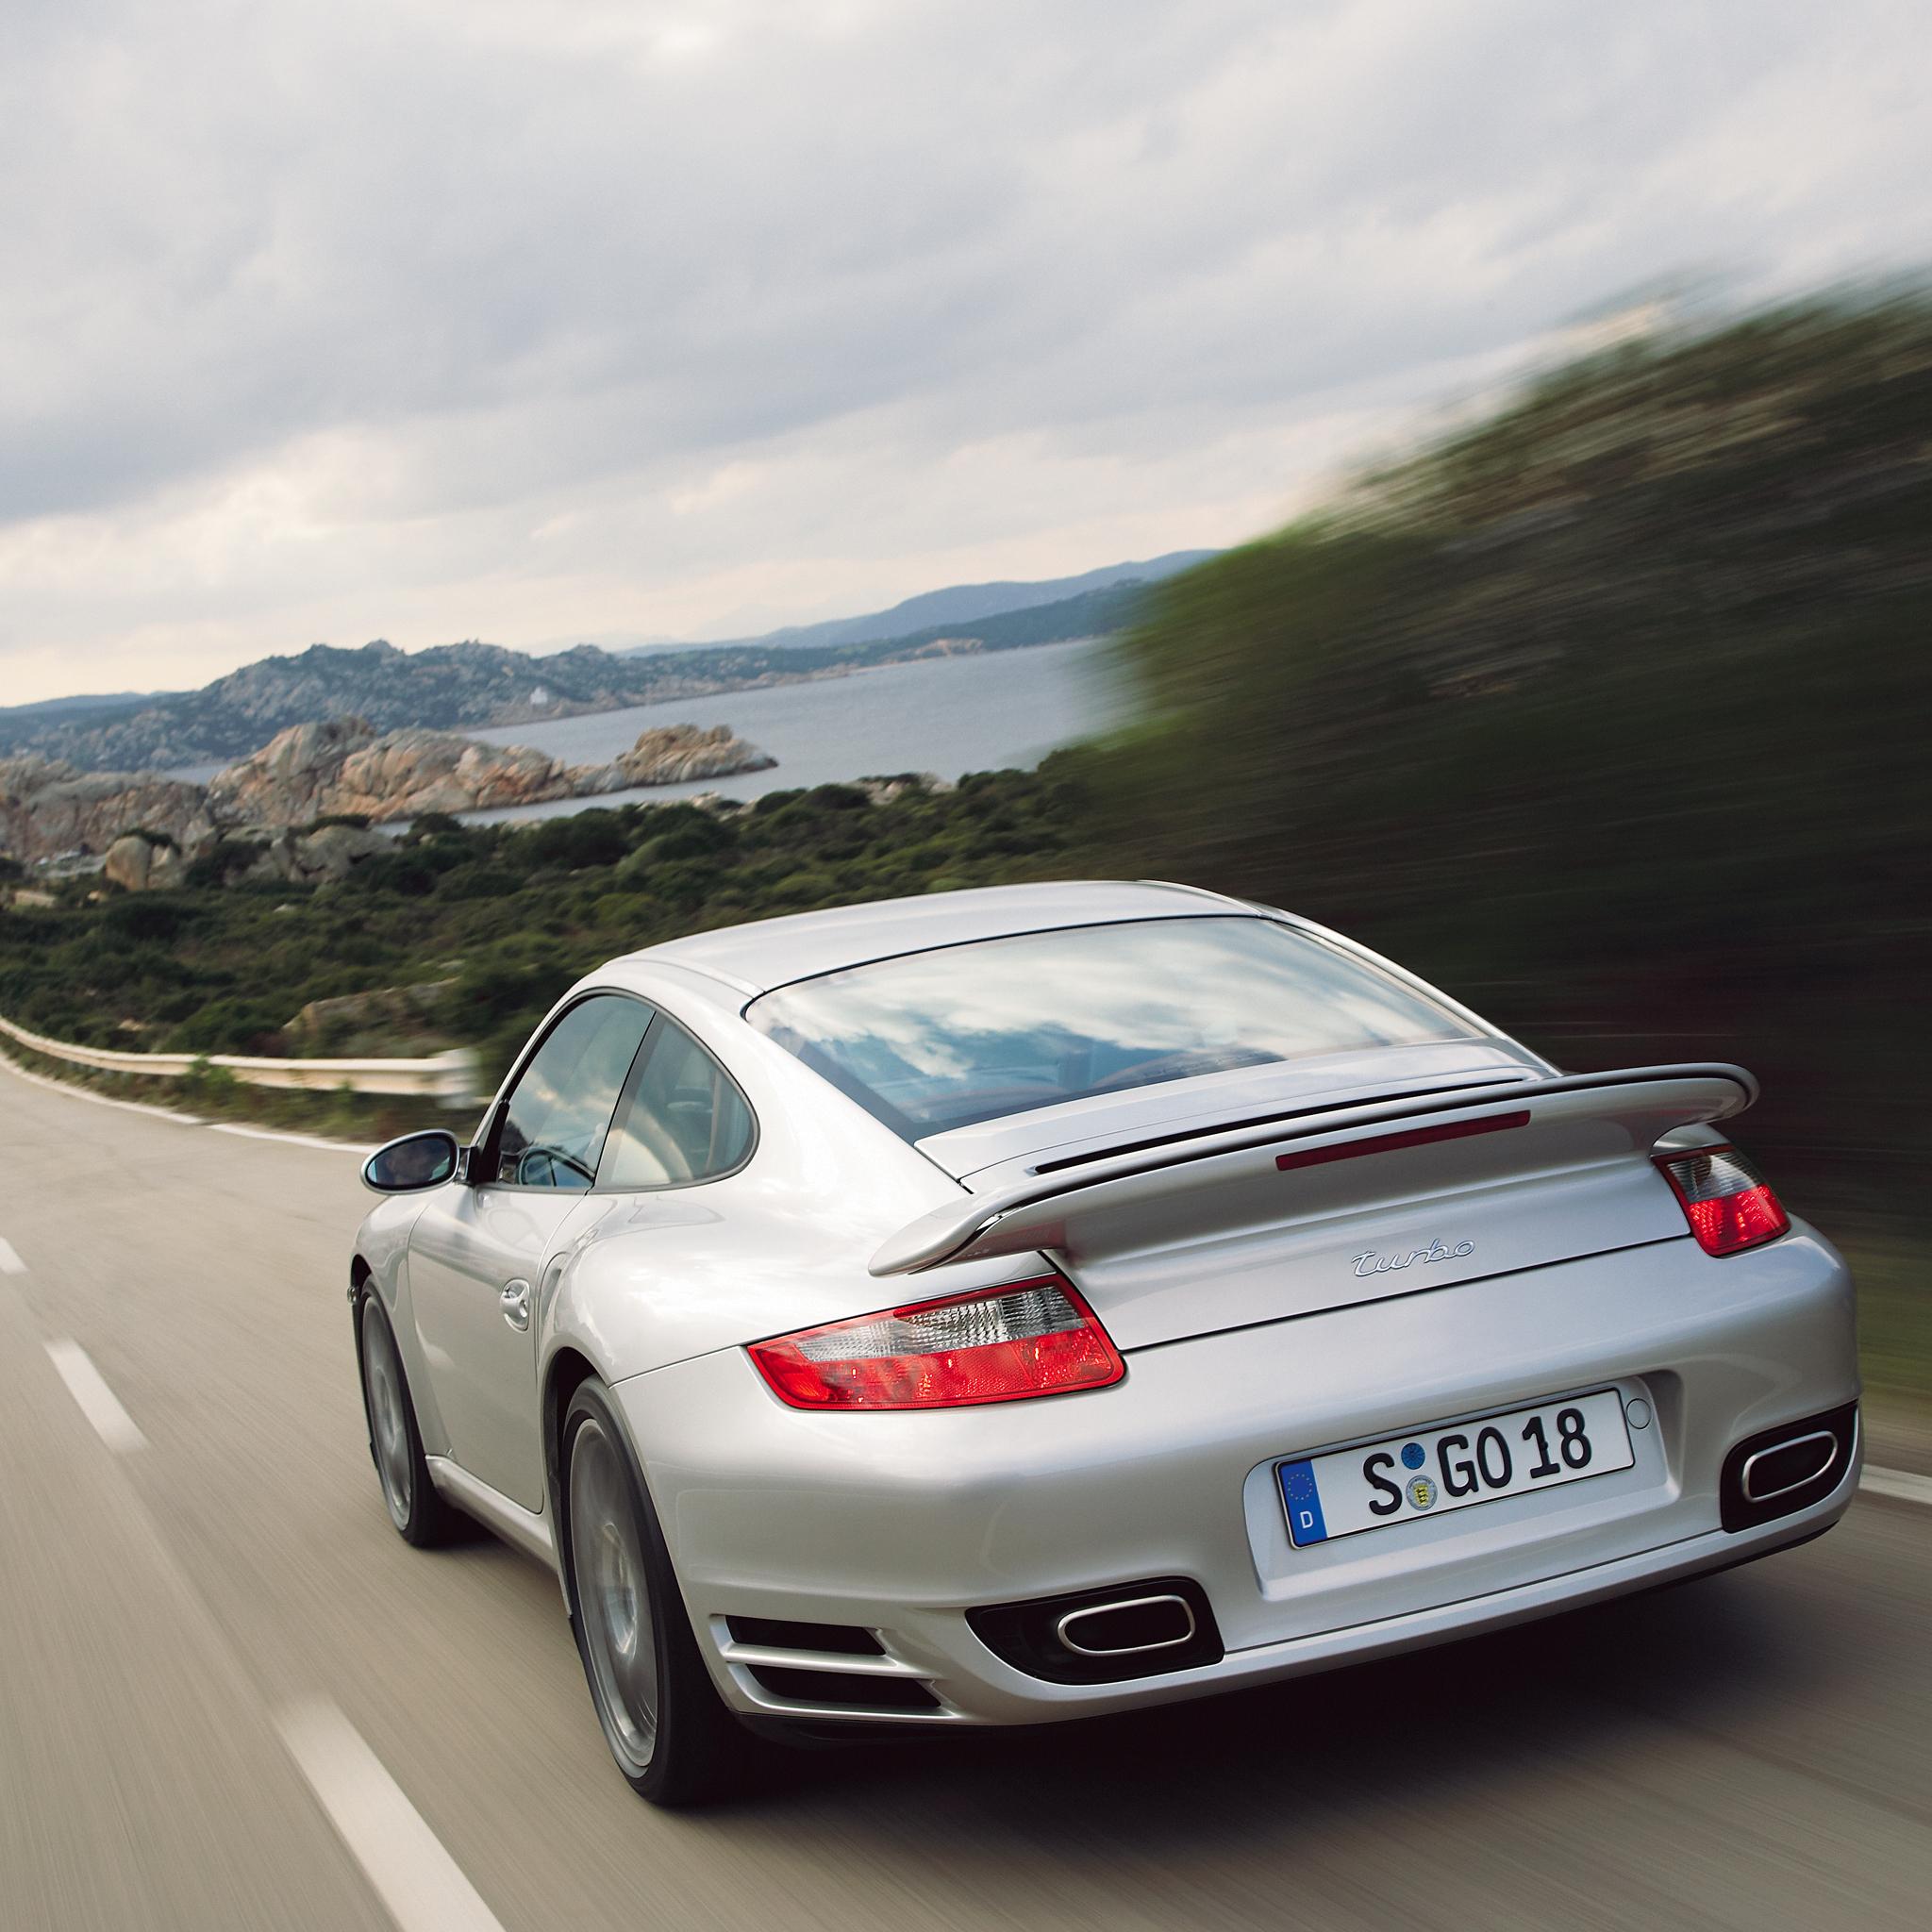 Porsche-911-Turbo-3Wallpeprs-iPad